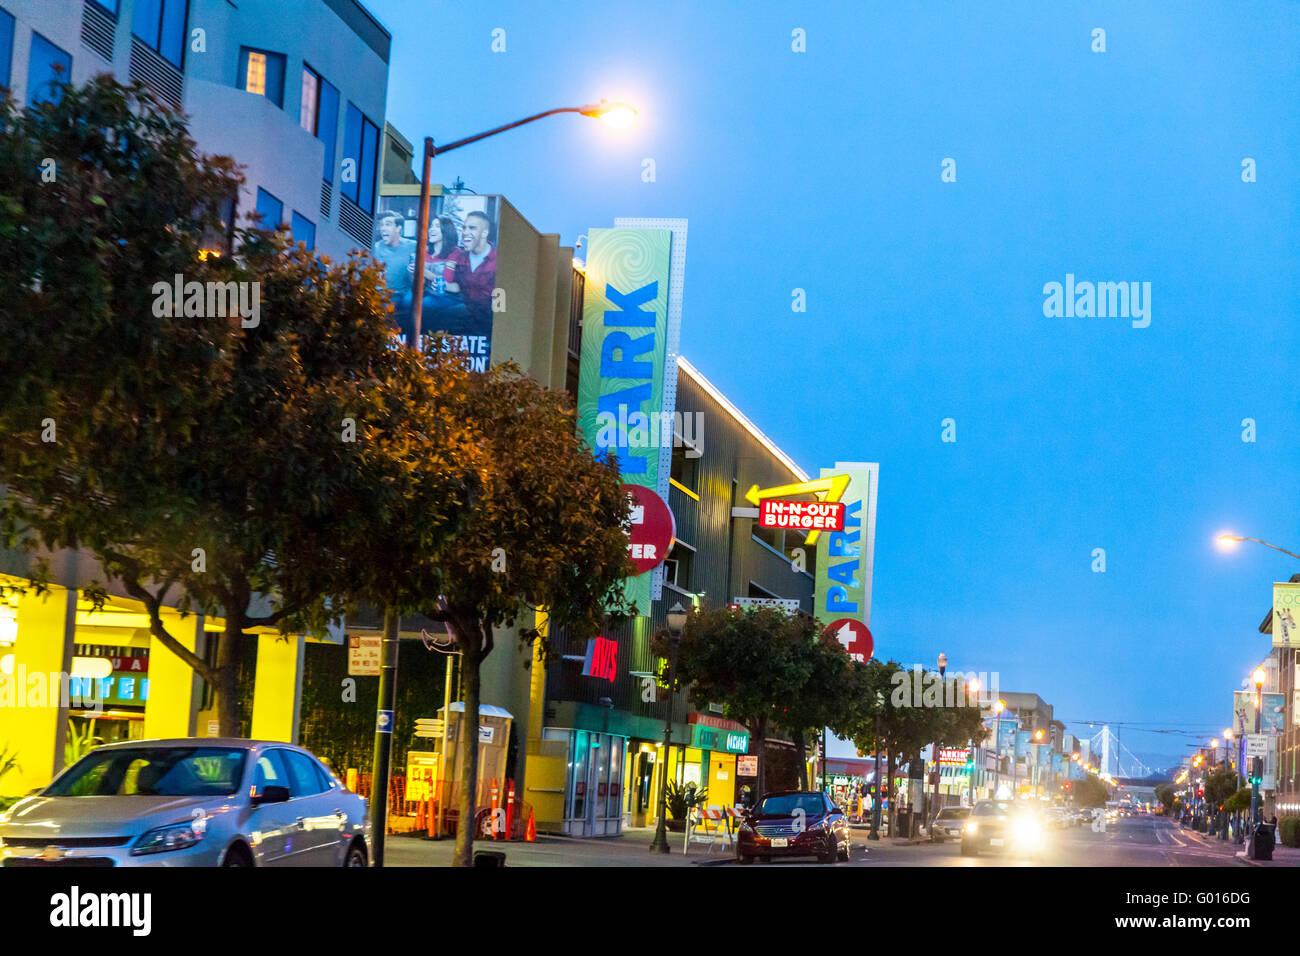 Una fila de tiendas con un en-N-Out Hamburger store en Beach Street cerca de Fisherman's Wharf en San Francisco, Imagen De Stock